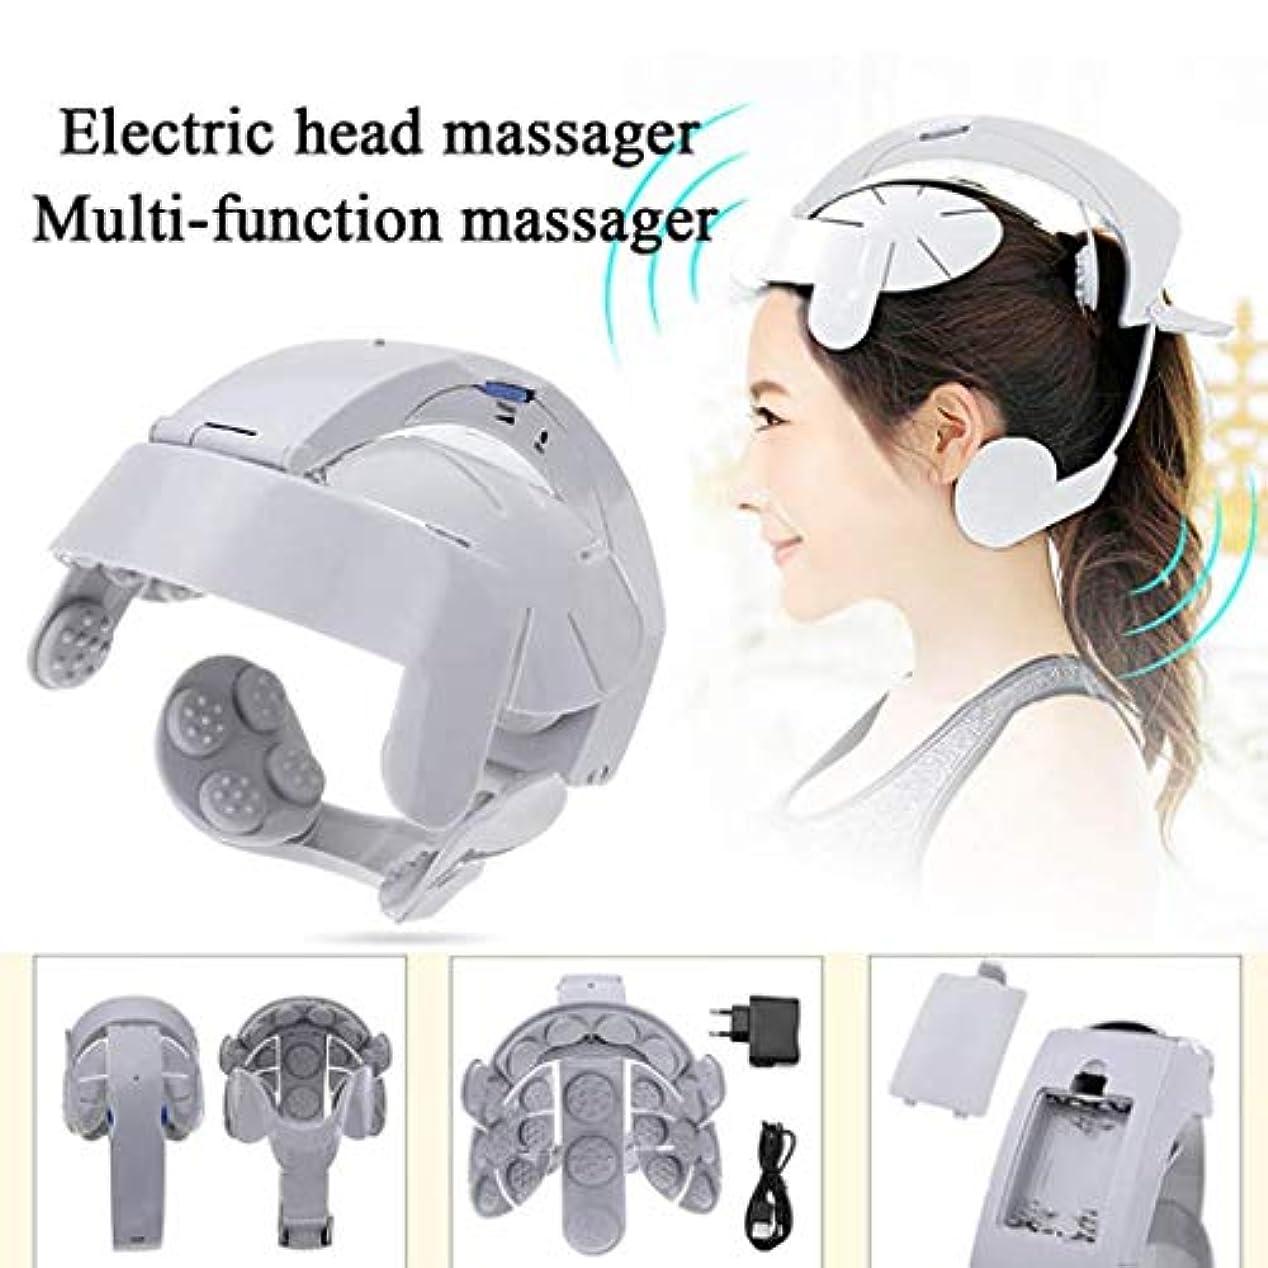 傾く強制的治世ヘッドマッサージャー、電動マッサージャー、振動ヘッドマッサージャー、ストレス/痛みを和らげる、血液循環/睡眠を促進する